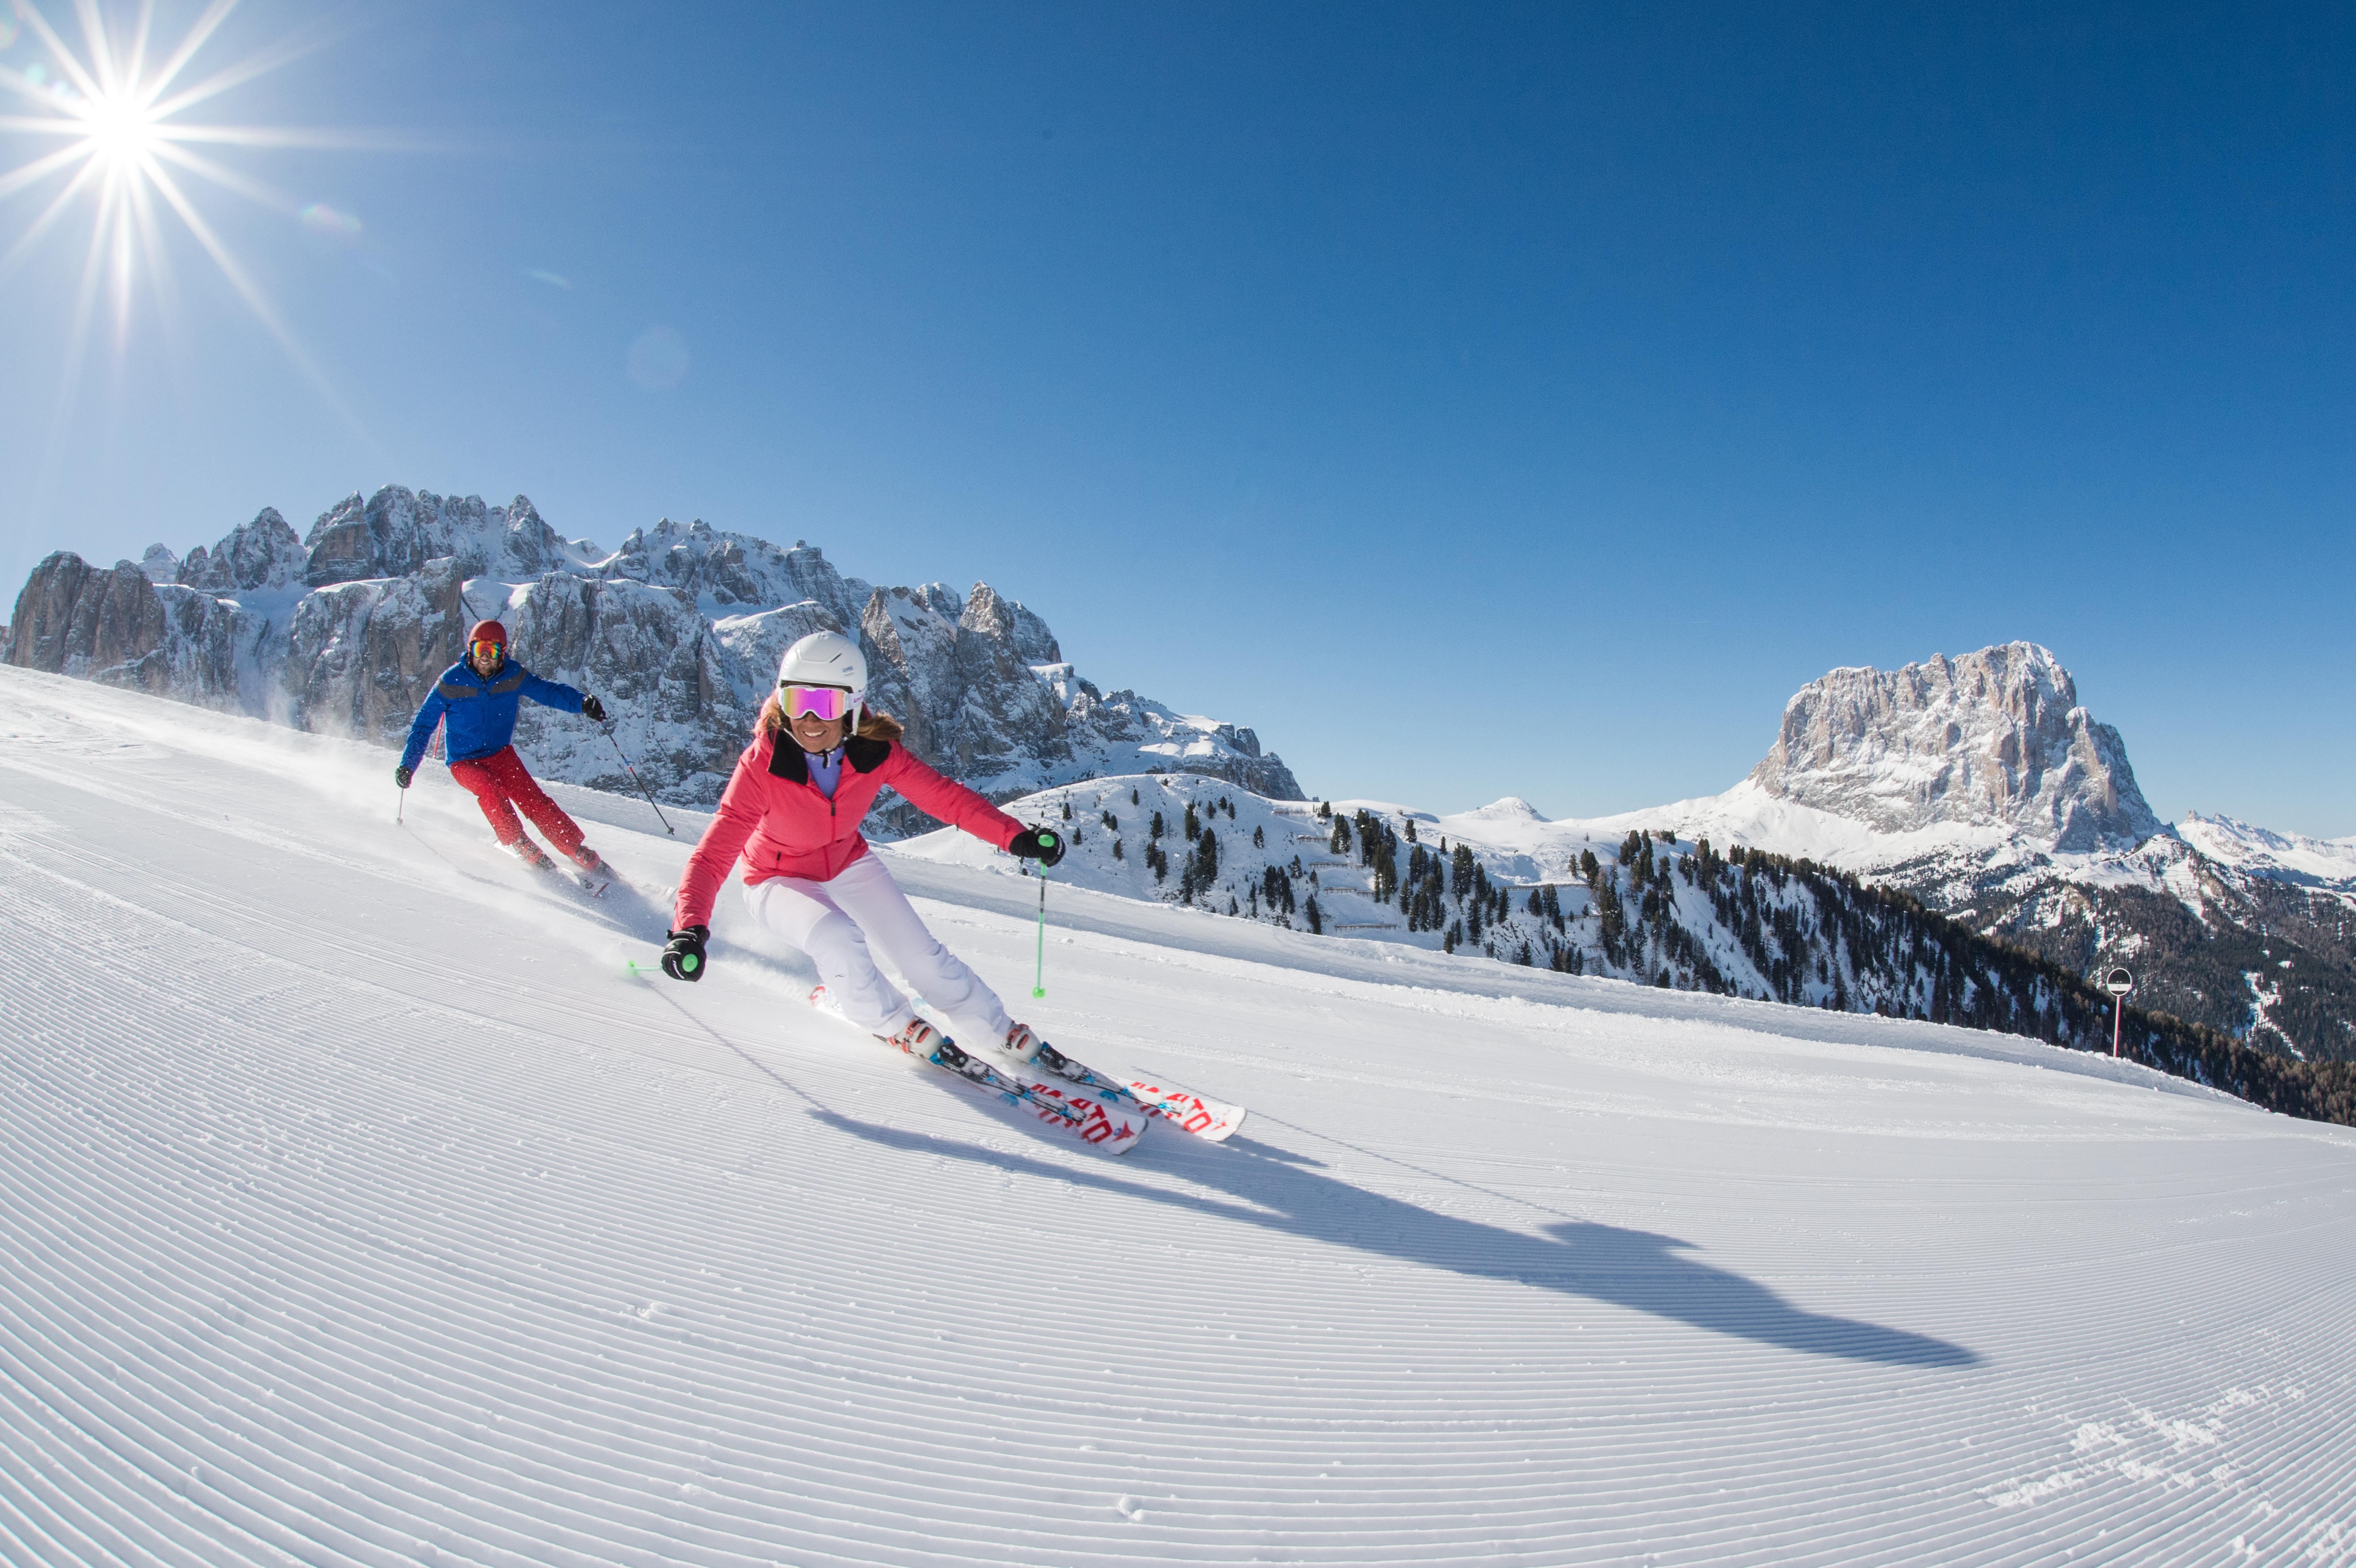 Impianti sciistici: Tutte le aperture anticipate del Dolomiti Superski